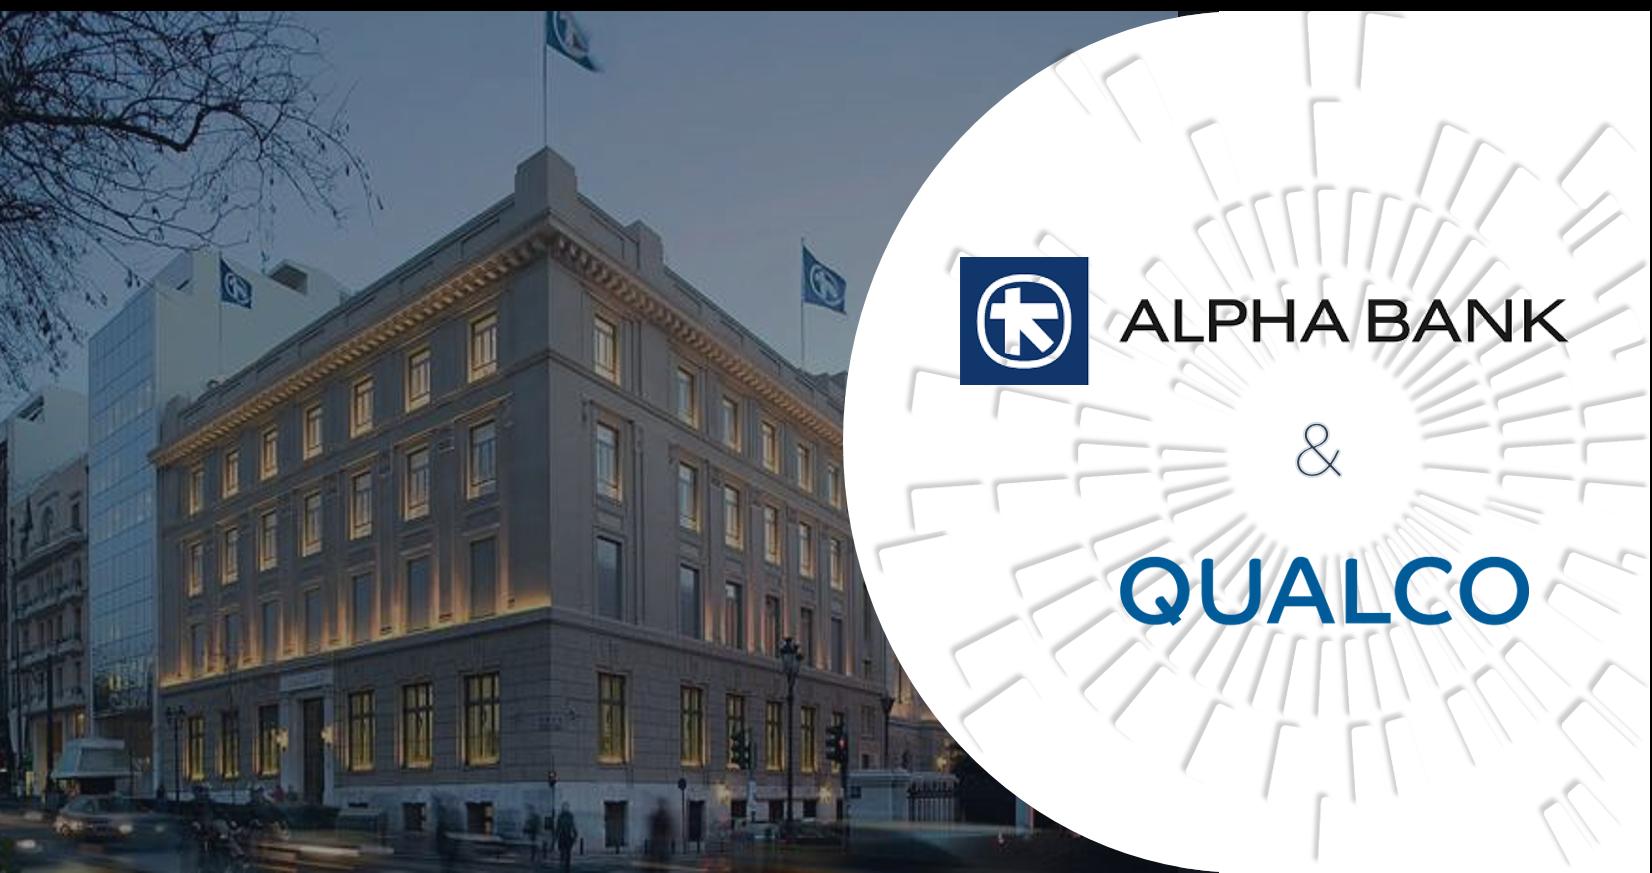 QUALCO_AlphaBank_v02